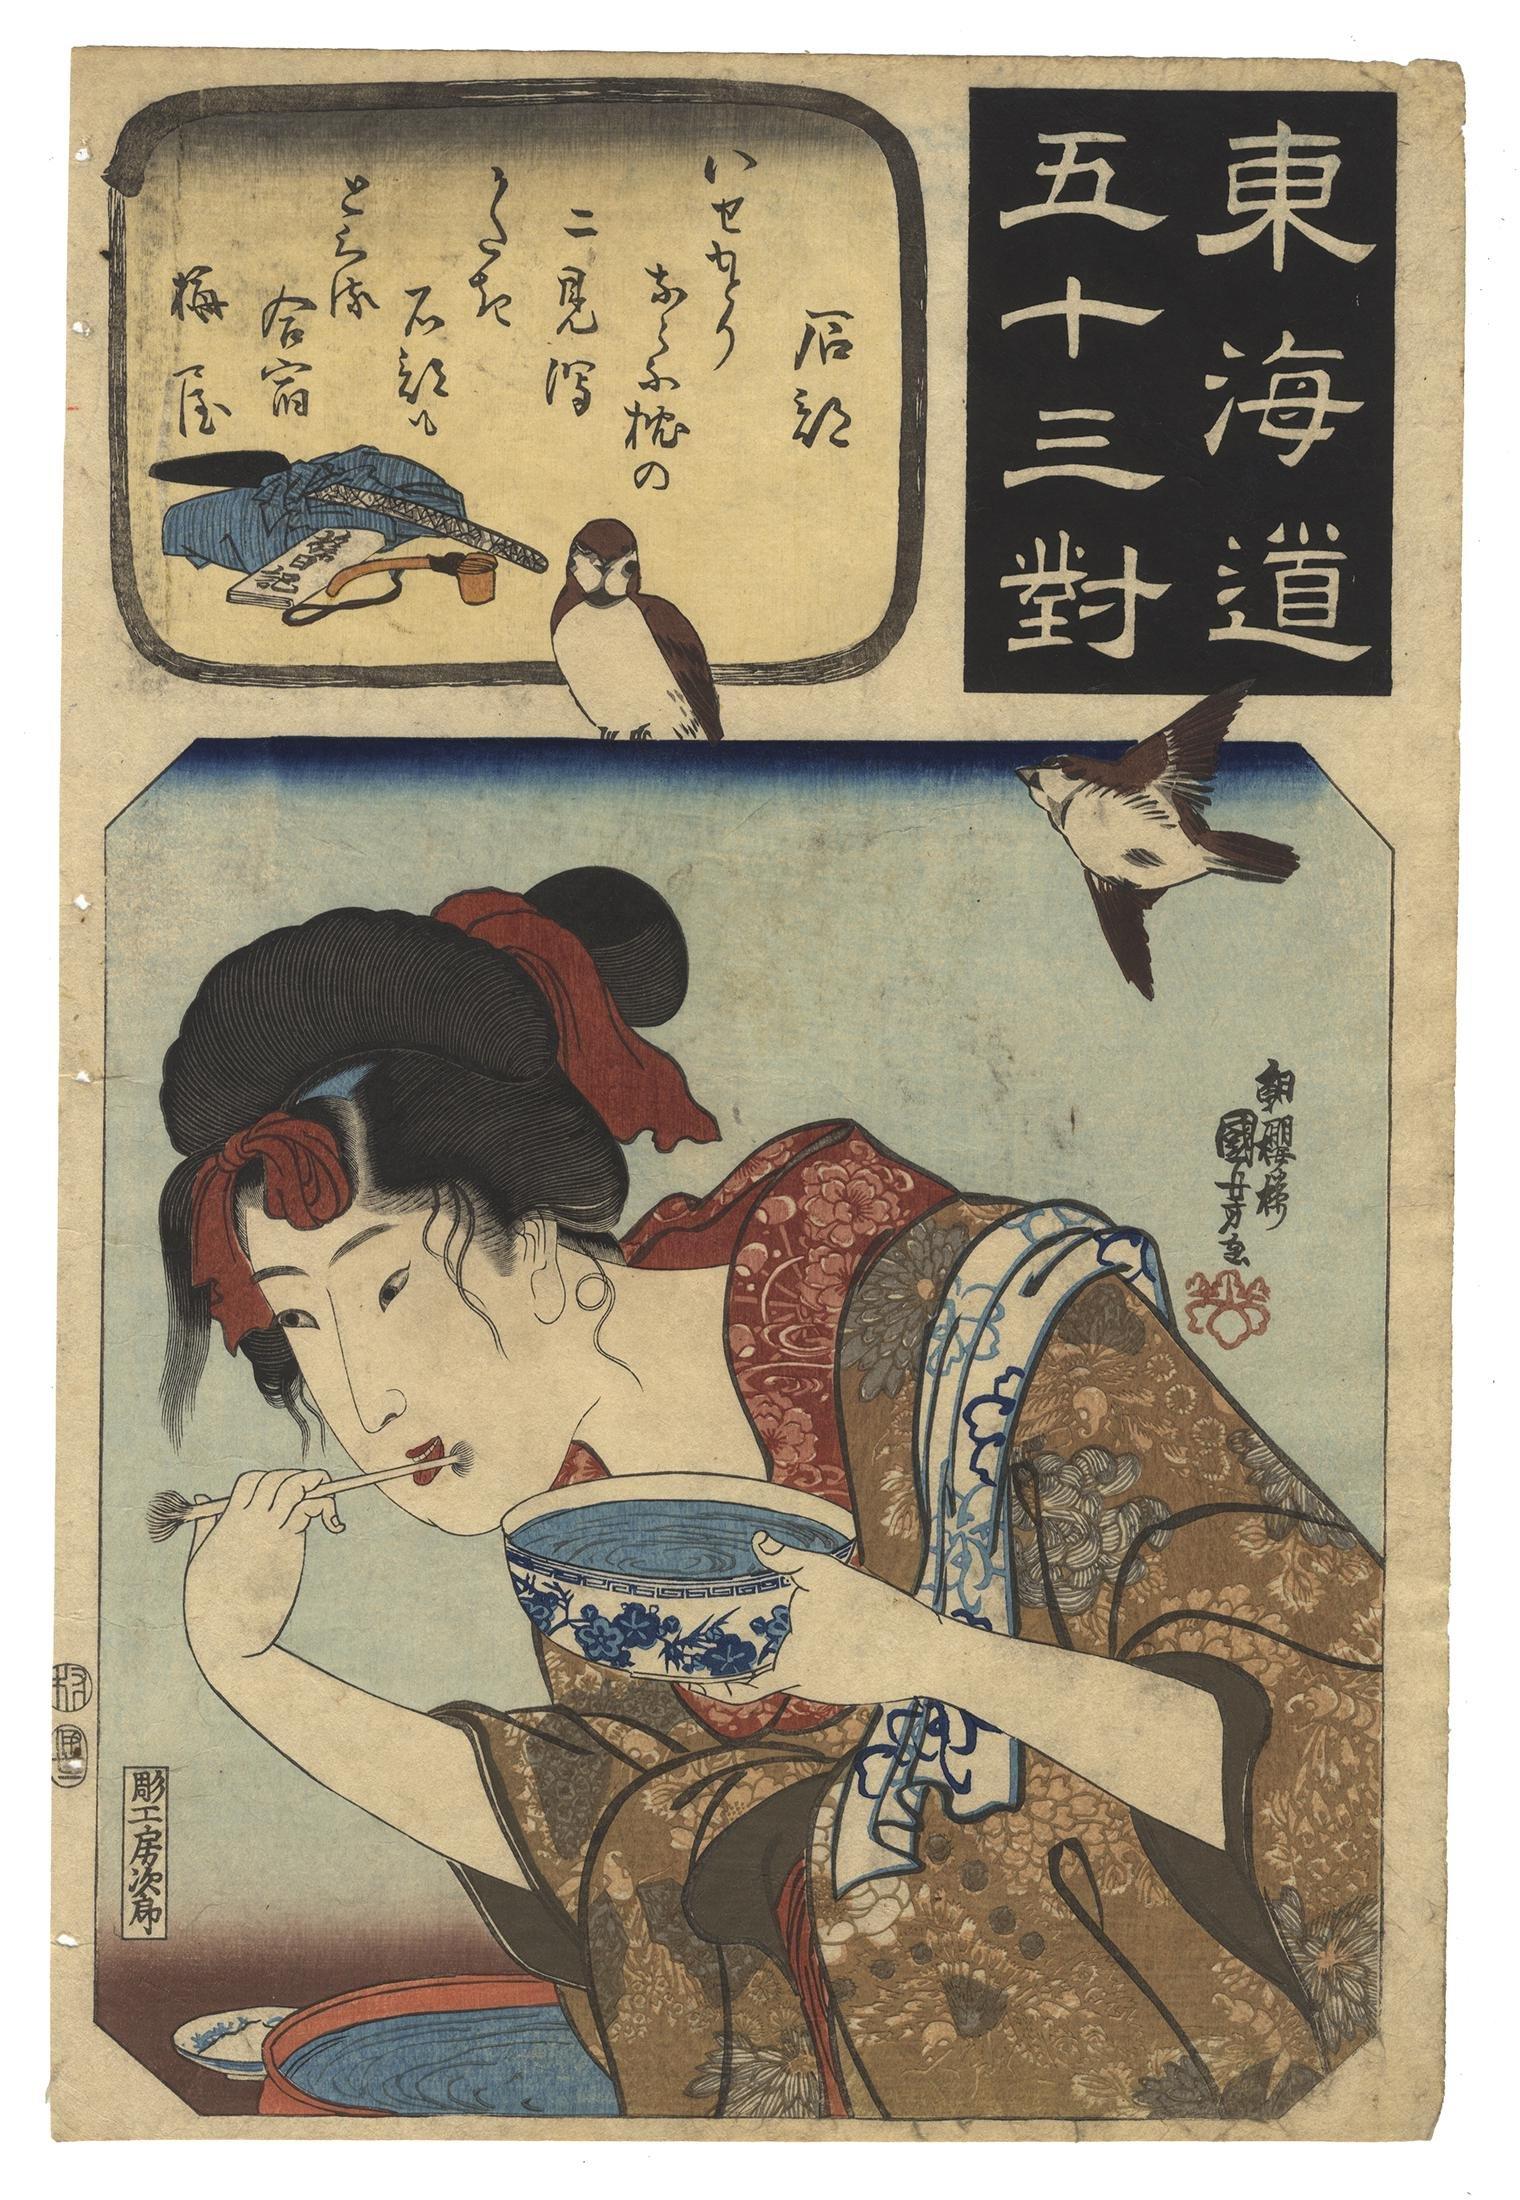 Kuniyoshi Utagawa, Stations, Brushing teeth, Japanese